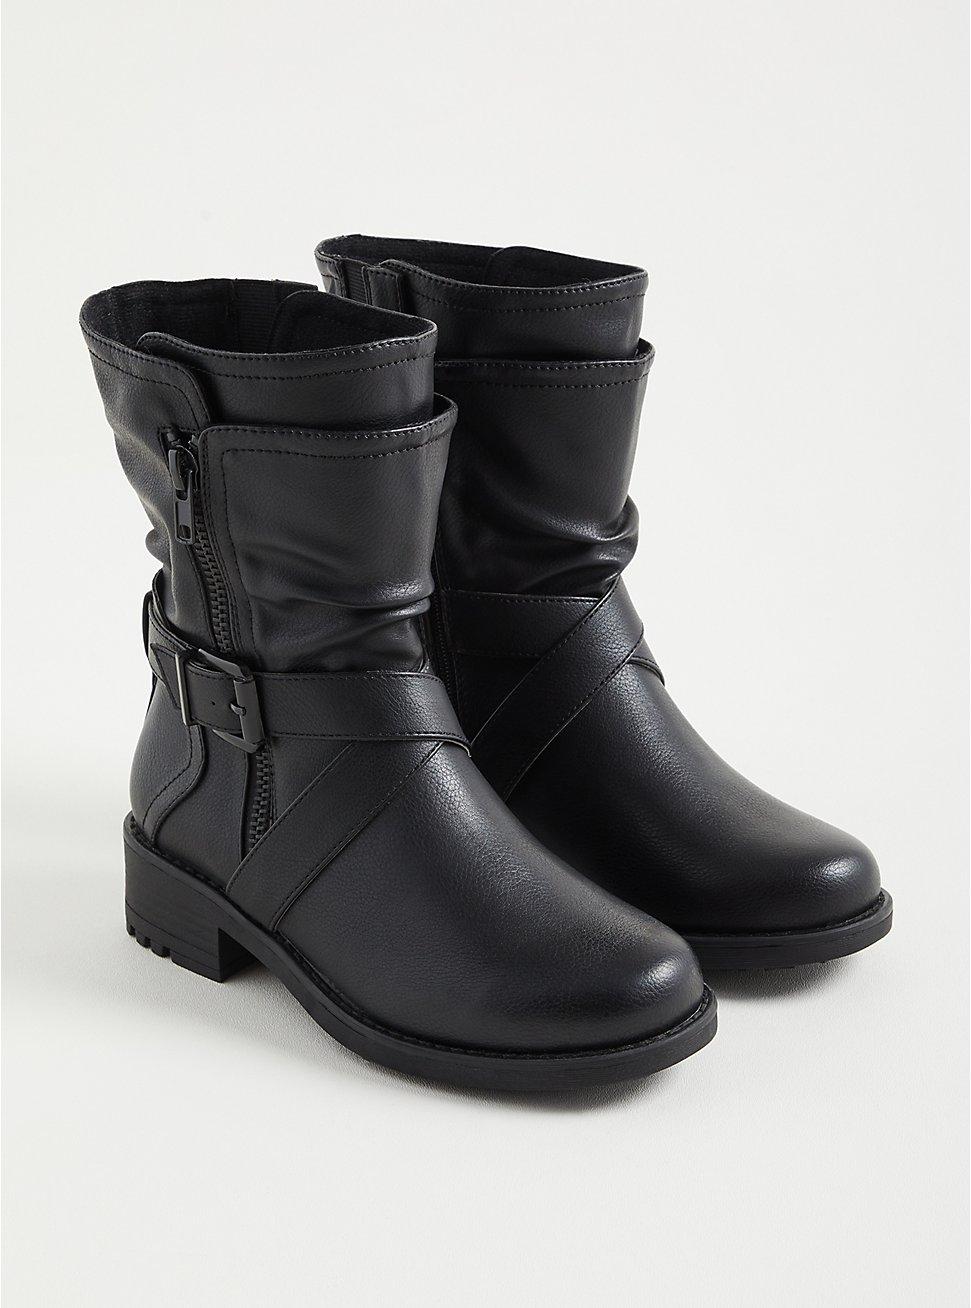 Double Strap Moto Boots - Black Faux Leather (WW), BLACK, hi-res